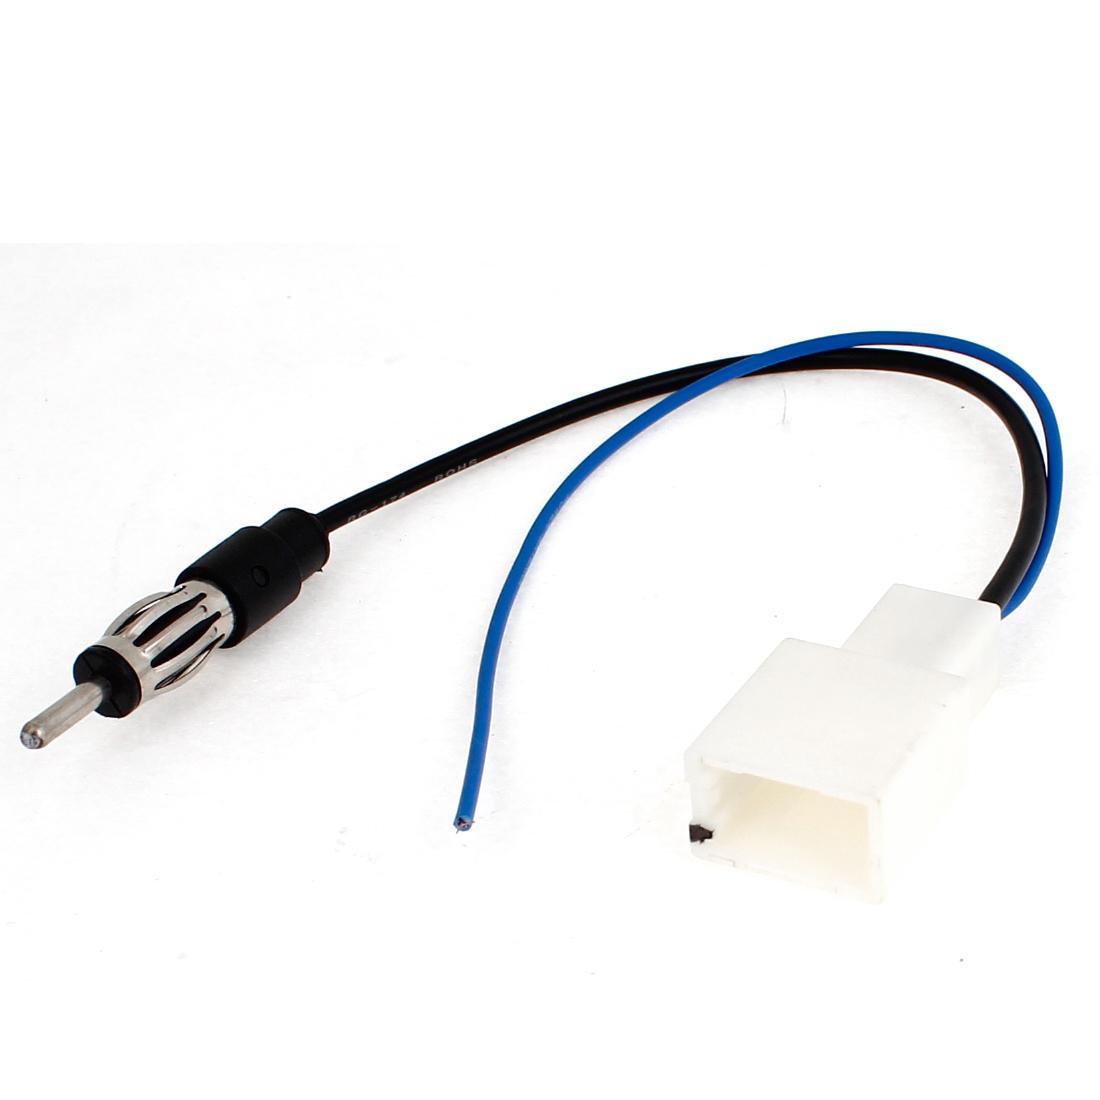 Unique Bargains Car Cd Radio Aerial Antenna Plug Repair Adapter